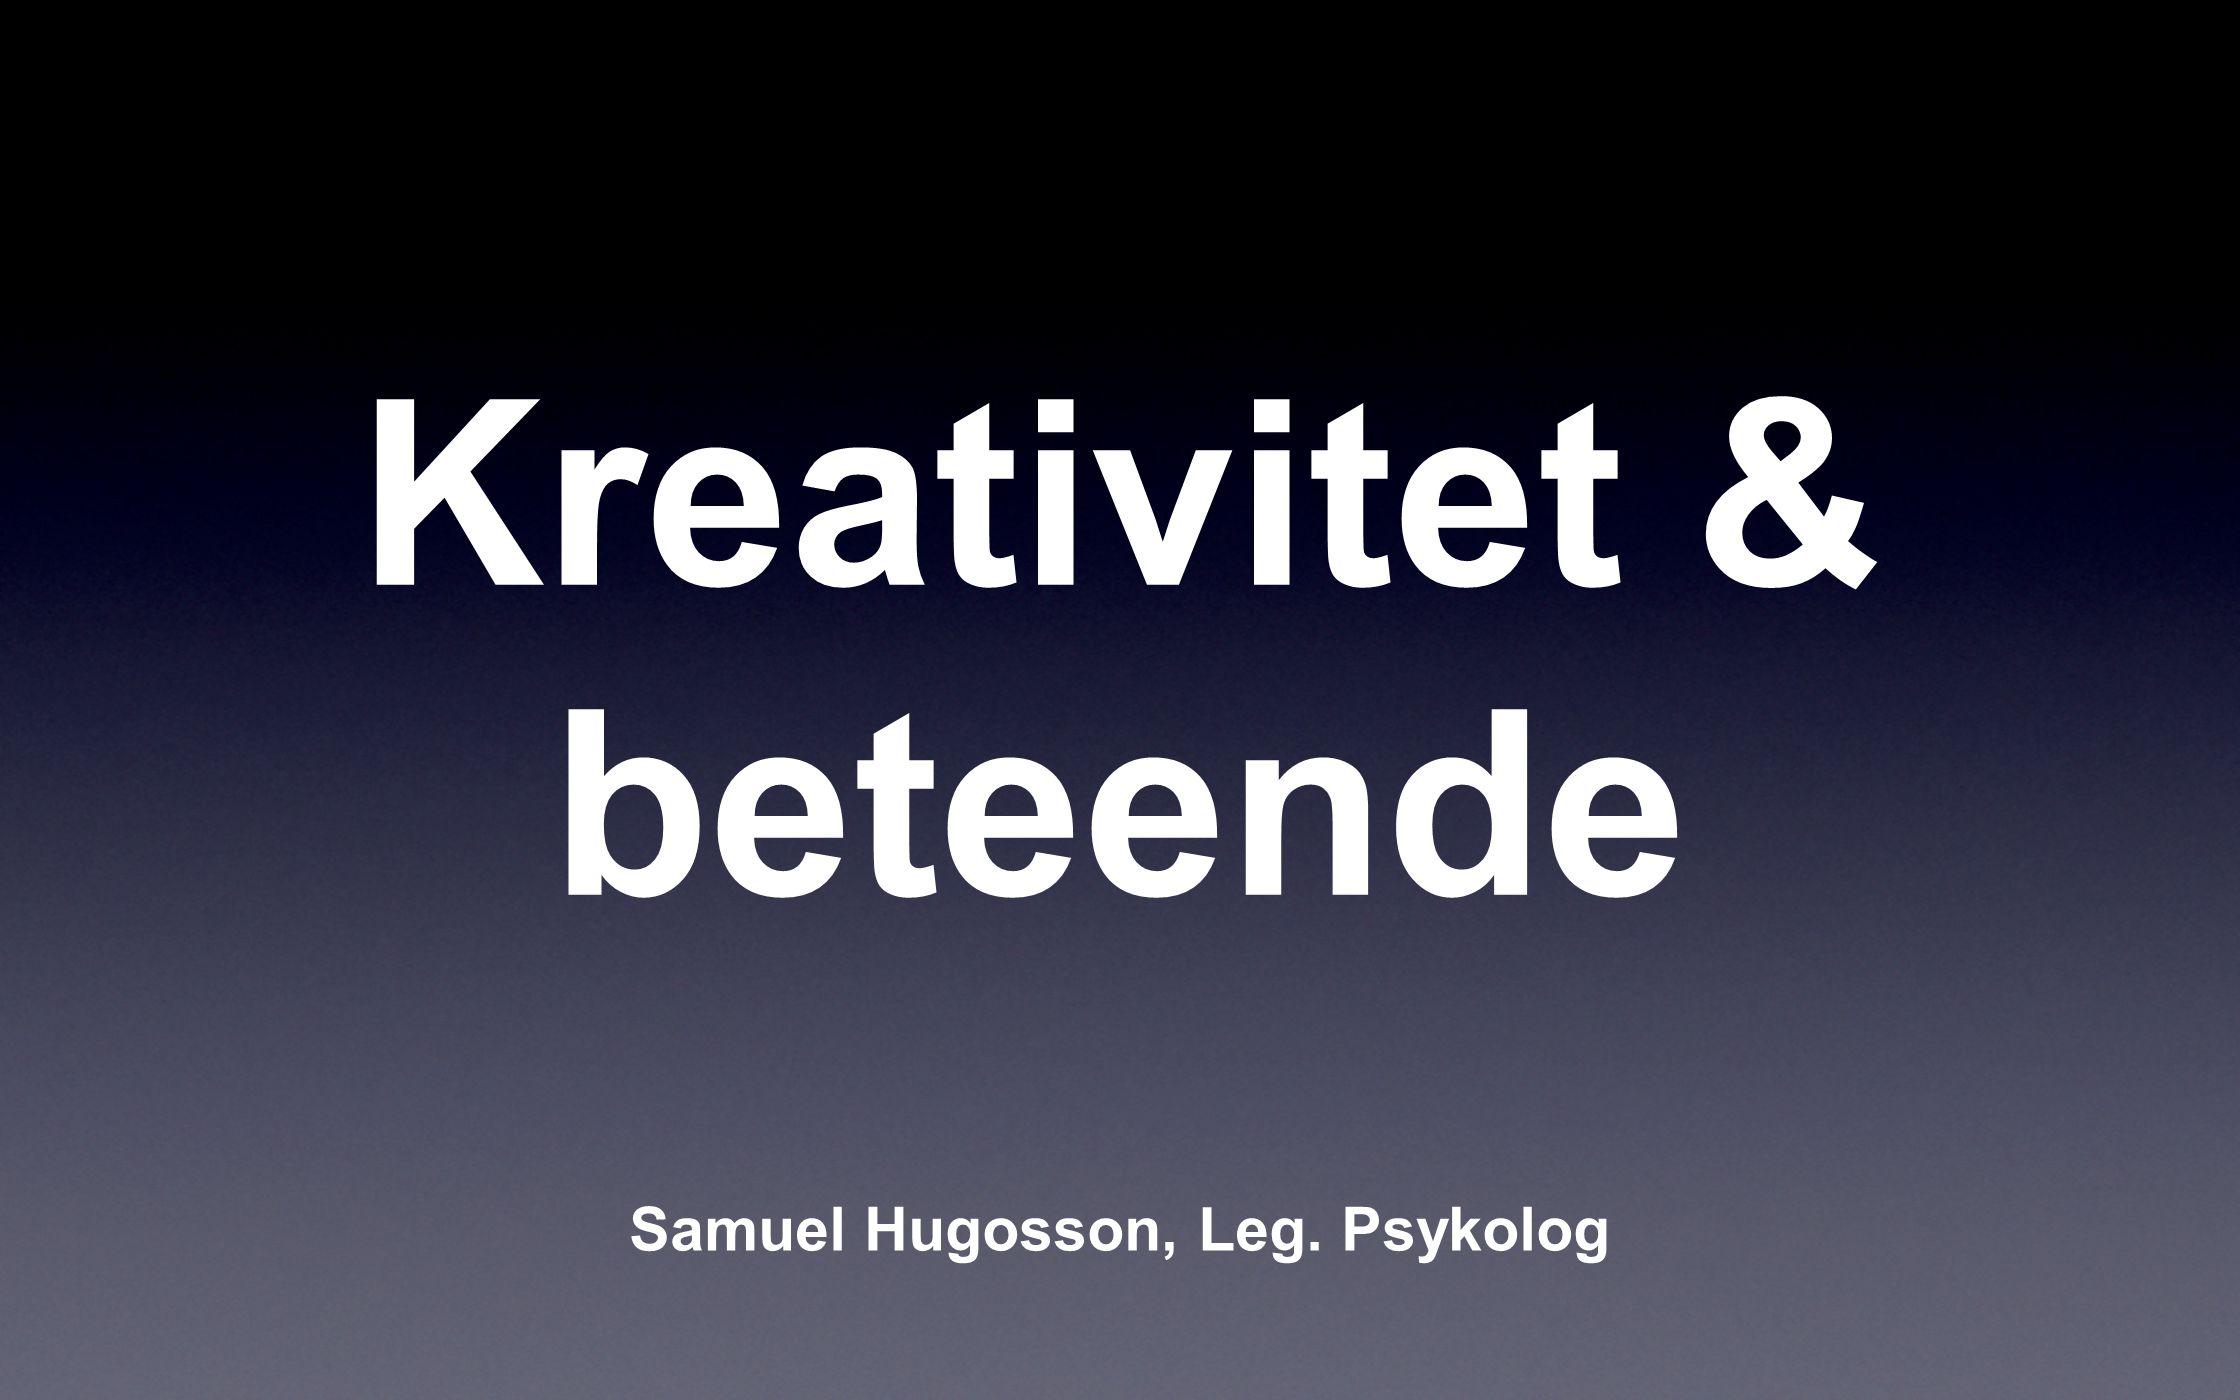 Kreativitet = producerandet av nya idéer, perspektiv och beteenden